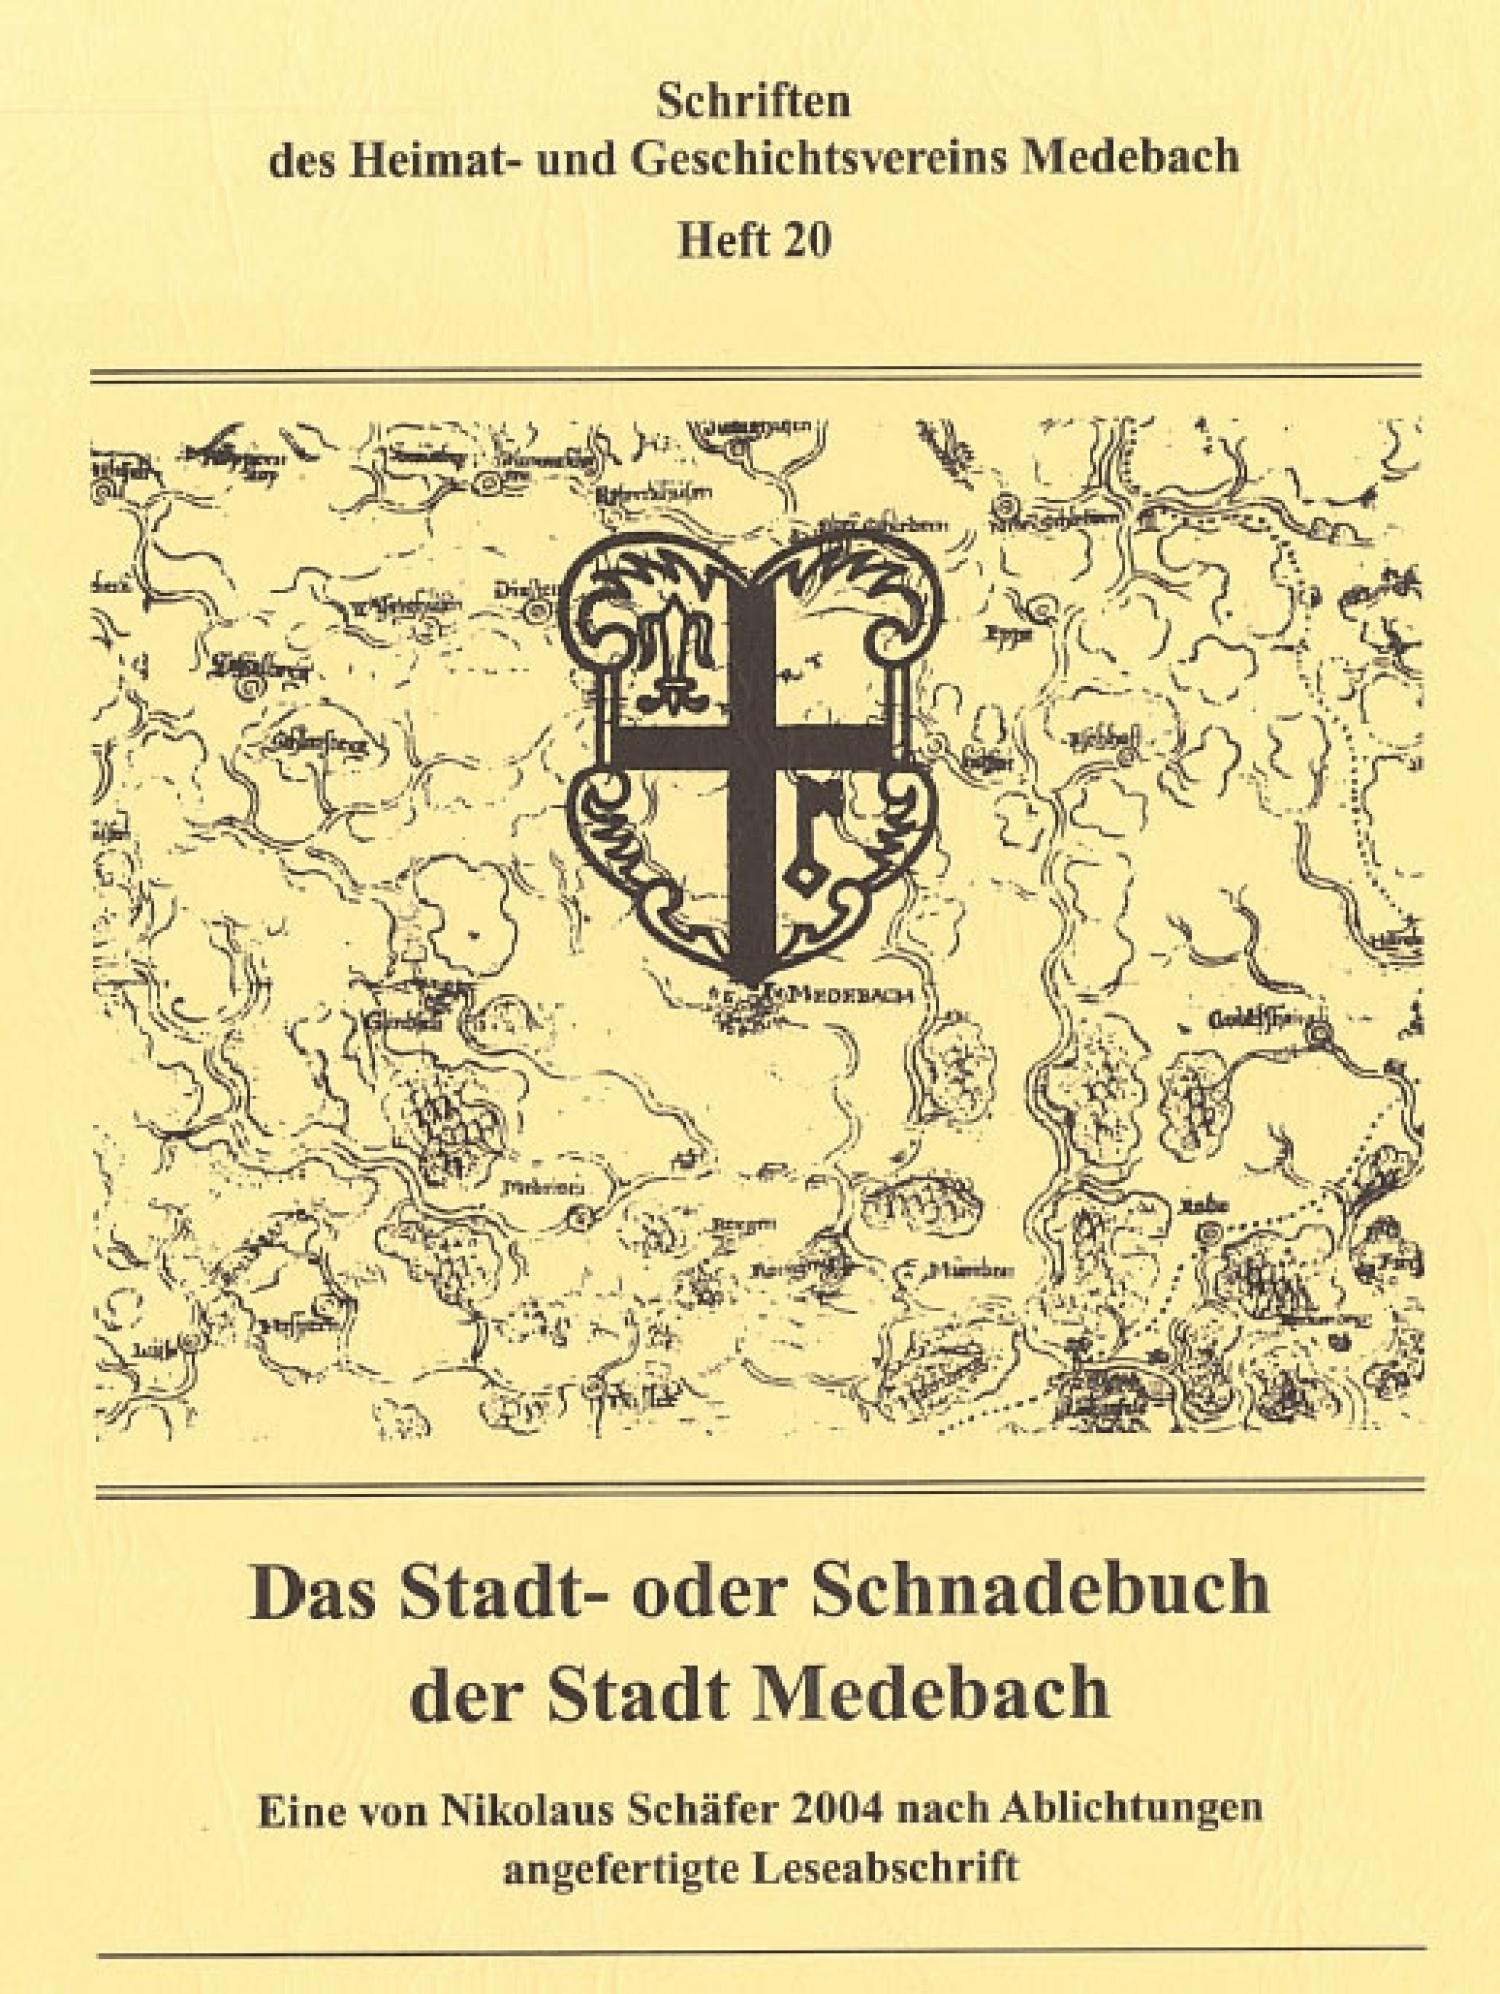 Das Stadt- oder Schnadebuch der Stadt Medebach